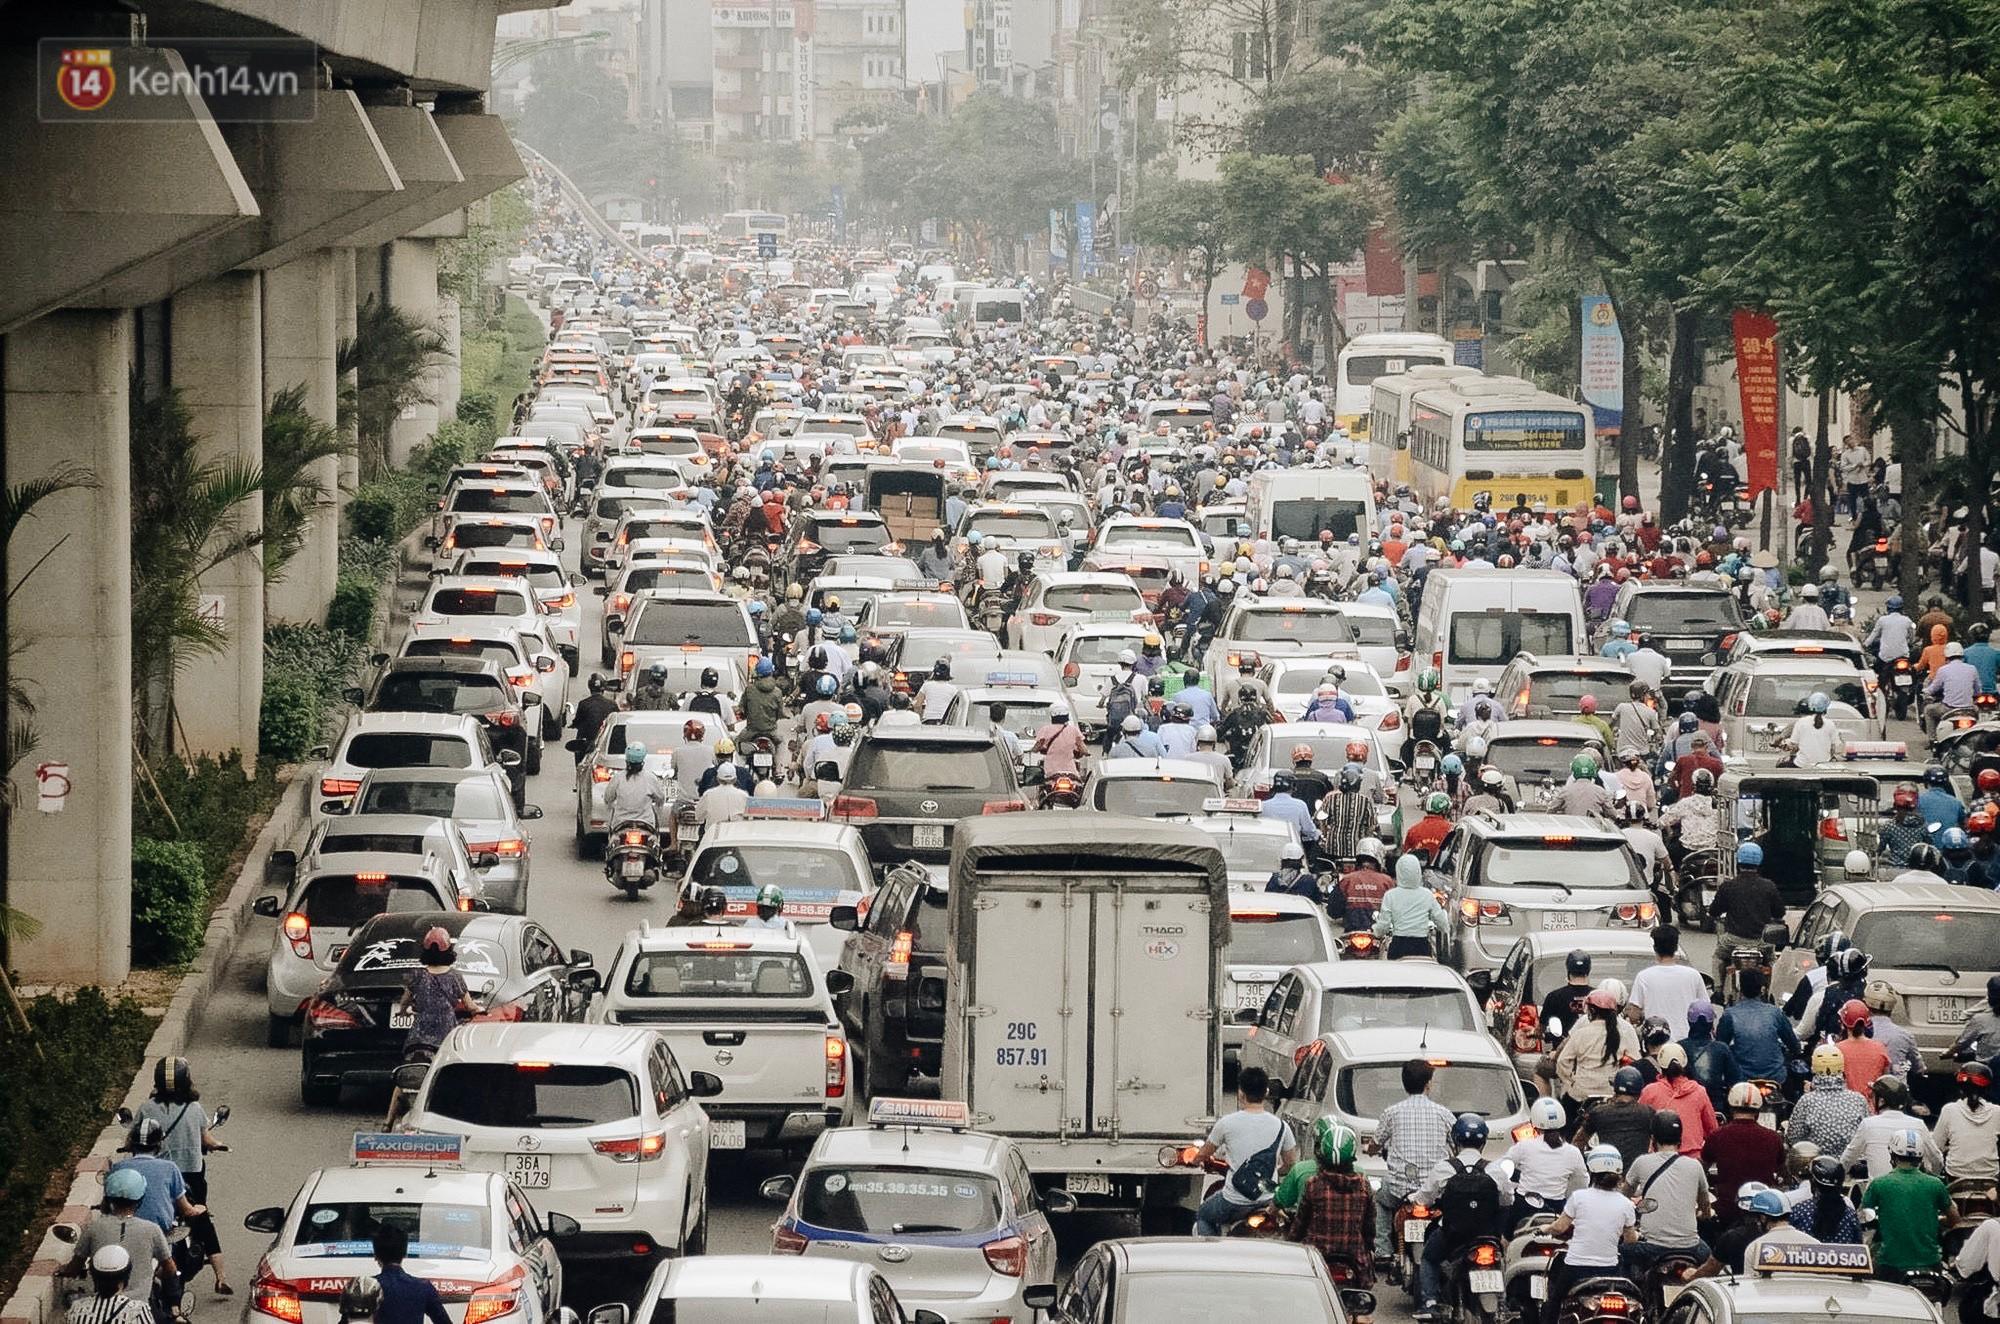 Chuyên gia và người dân nói về thí điểm cấm xe máy trên 2 tuyến đường ở Hà Nội: Phải có lộ trình, sau đó từng bước phát triển hạ tầng, giao thông công cộng - Ảnh 2.